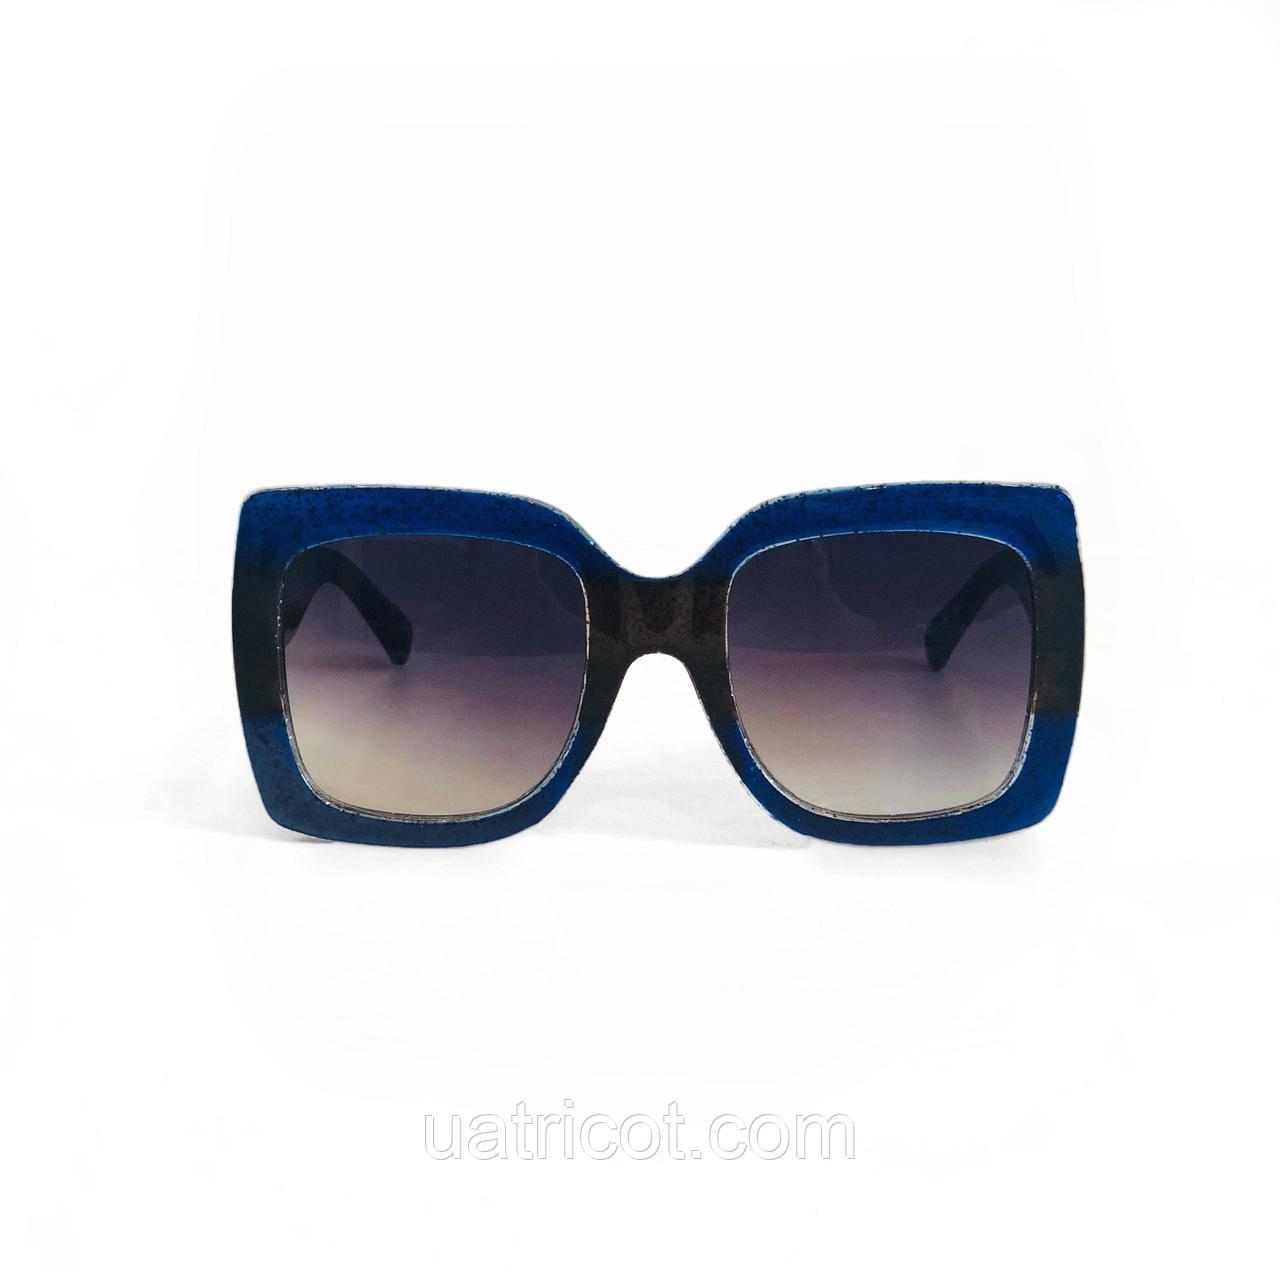 Женские квадратные солнцезащитные очки Oversize в синей оправе